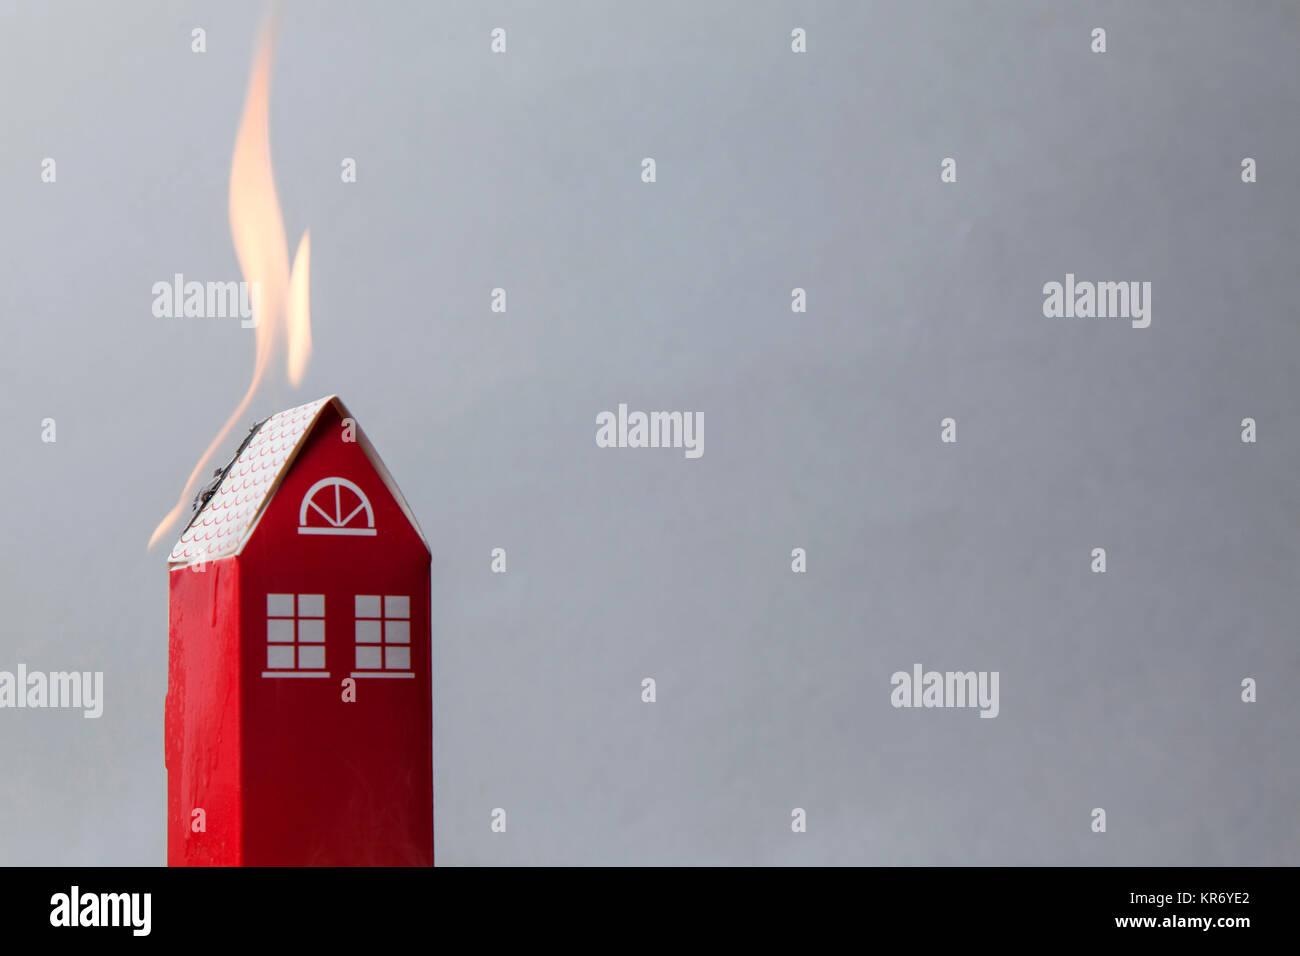 Casa di fuoco concetto. Casa giocattolo con fiamme Immagini Stock